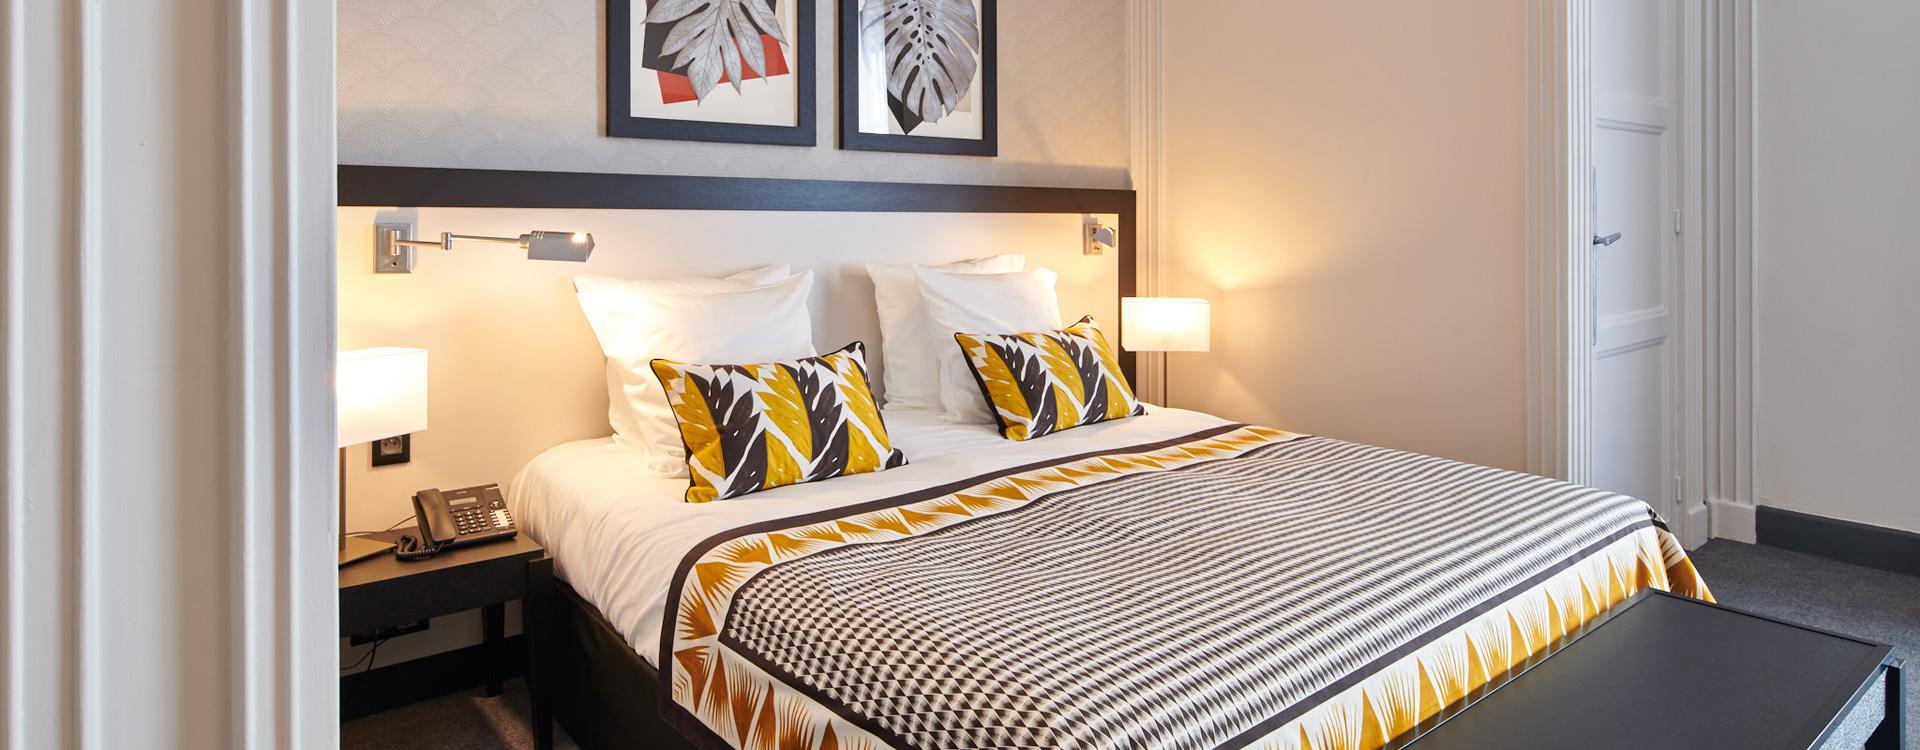 chambre de l'hôtel Le Splendid à Dax dans les Landes